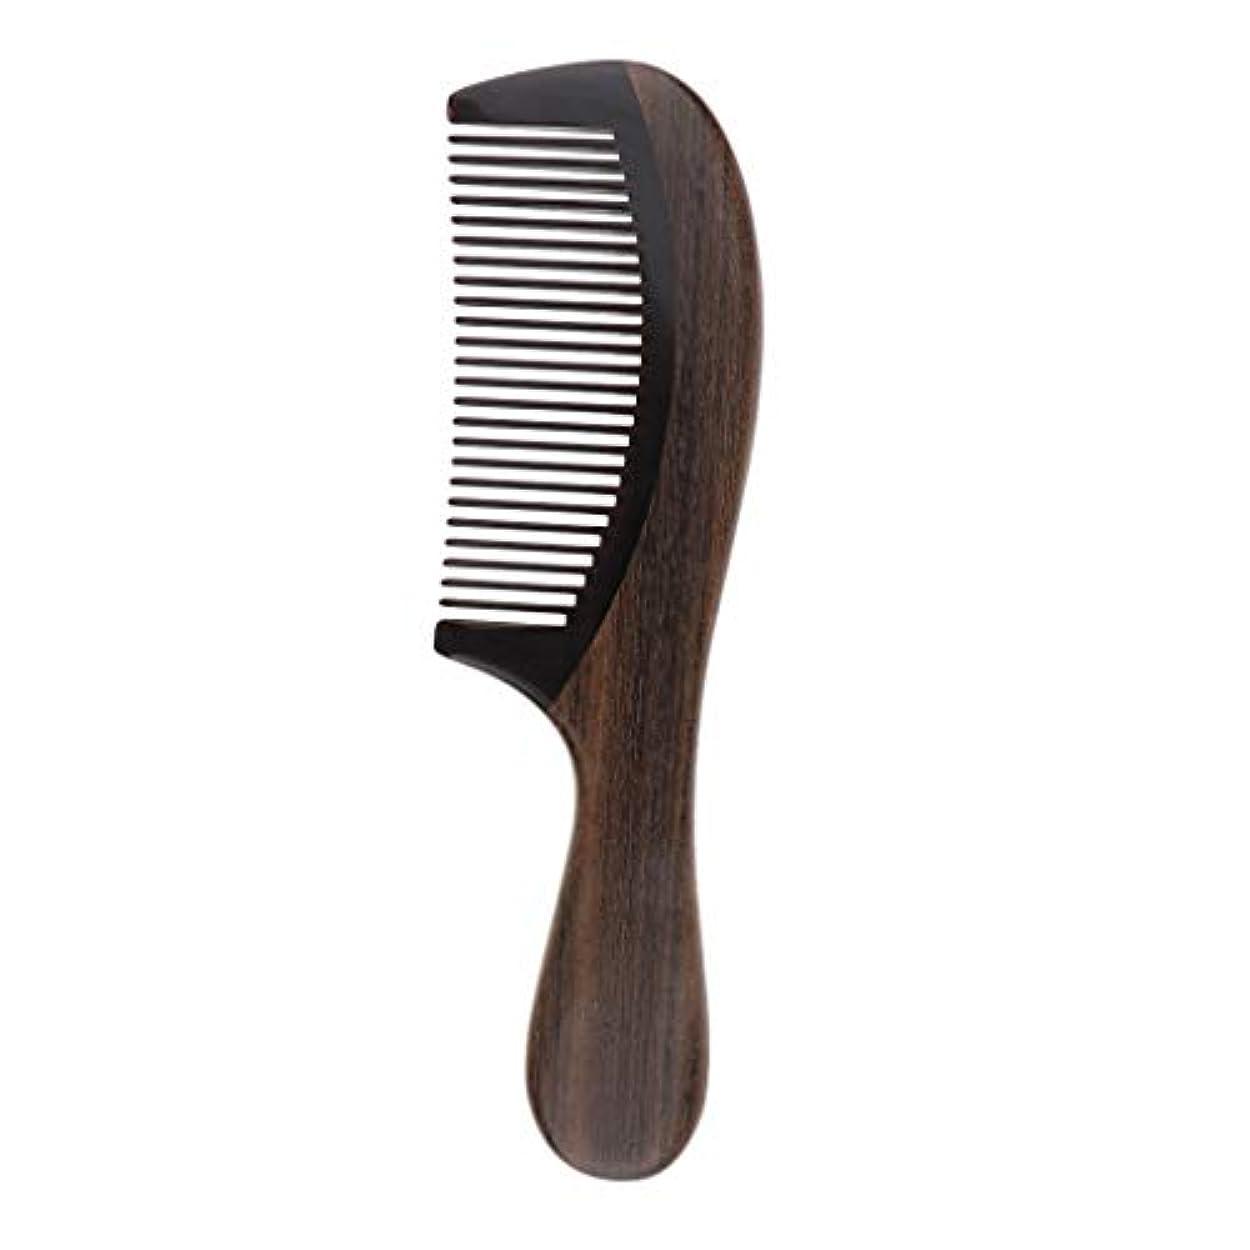 トンネル懐疑的火曜日櫛 木製 くし コーム 木製ヘアコーム 頭皮マッサージ くし 静電気防止 頭 美髪ケア サンダルウッド